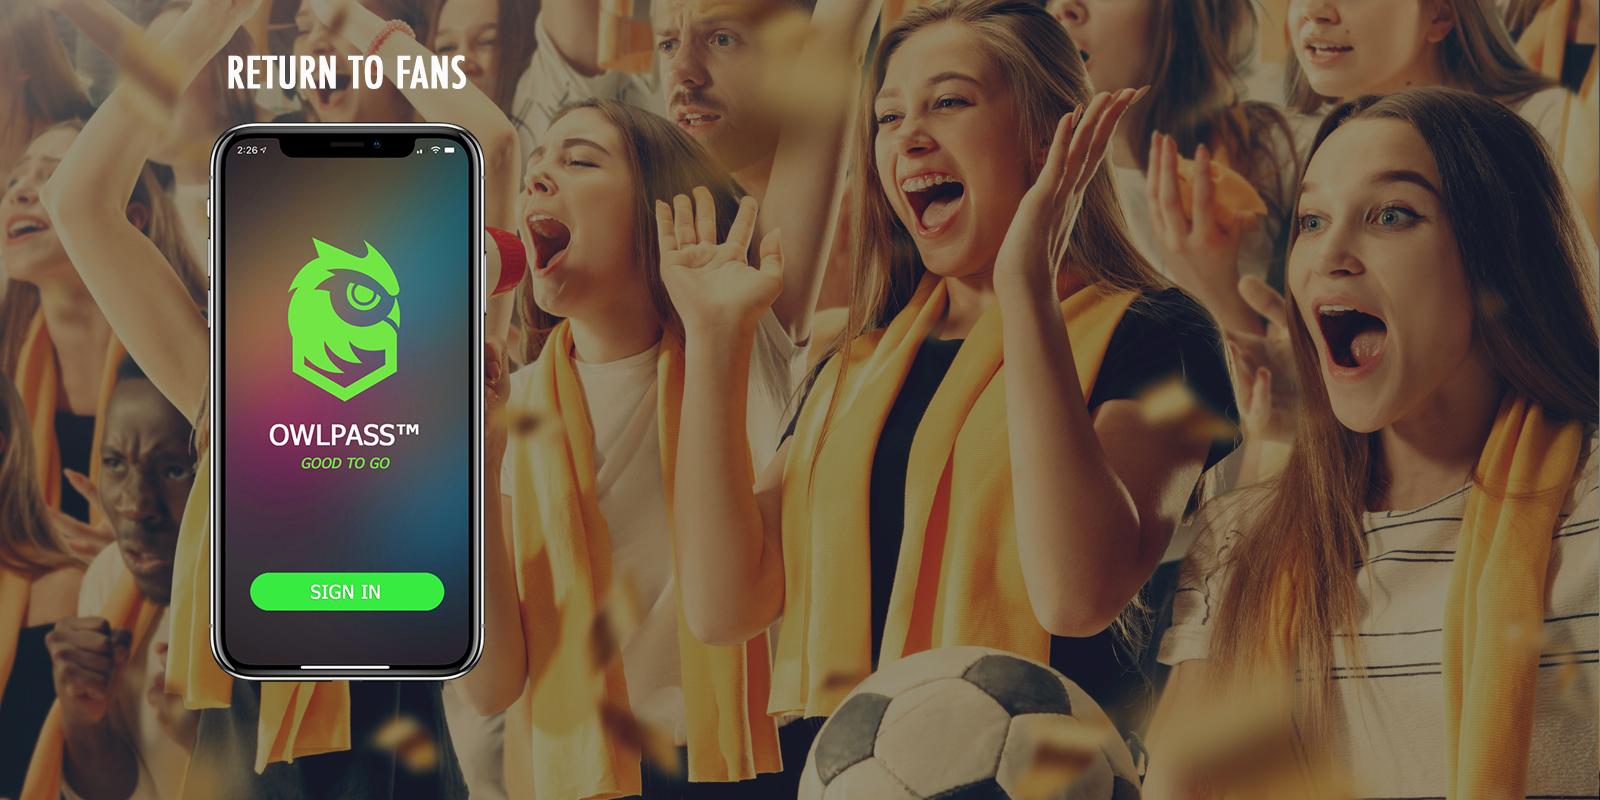 OwlPass Slide_fans.jpg